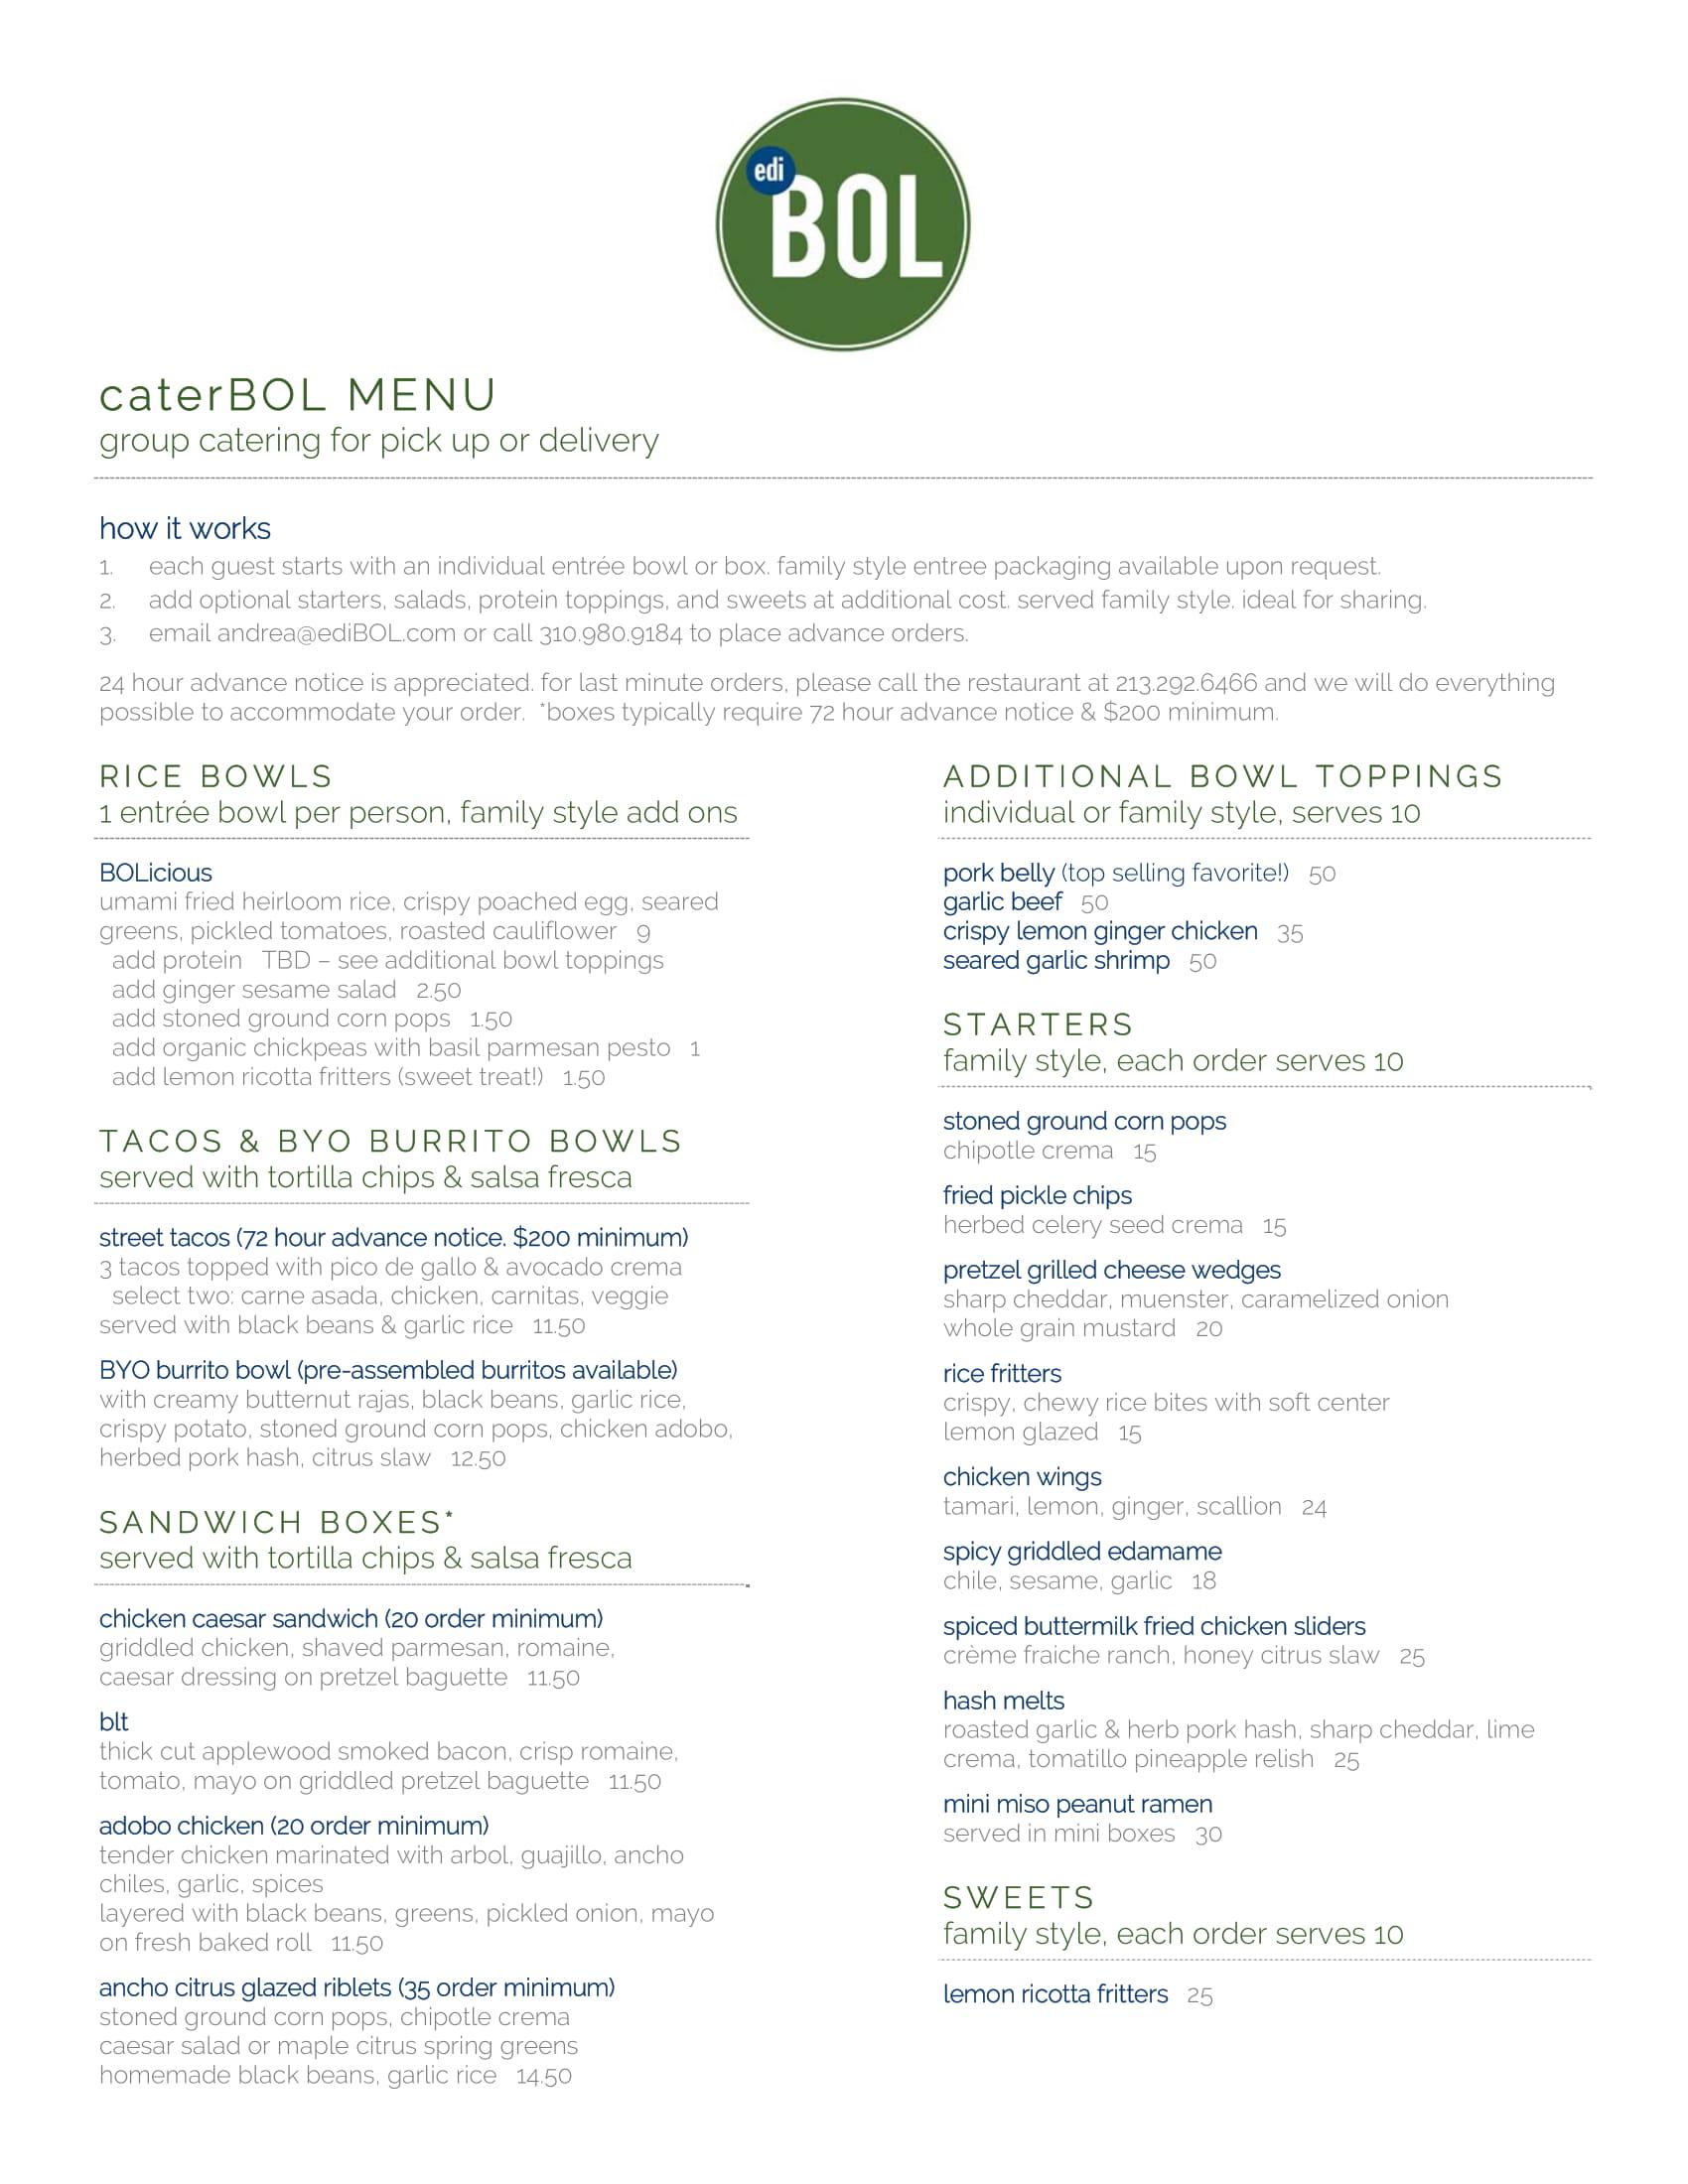 ediBOL caterBOL menu-1.jpg